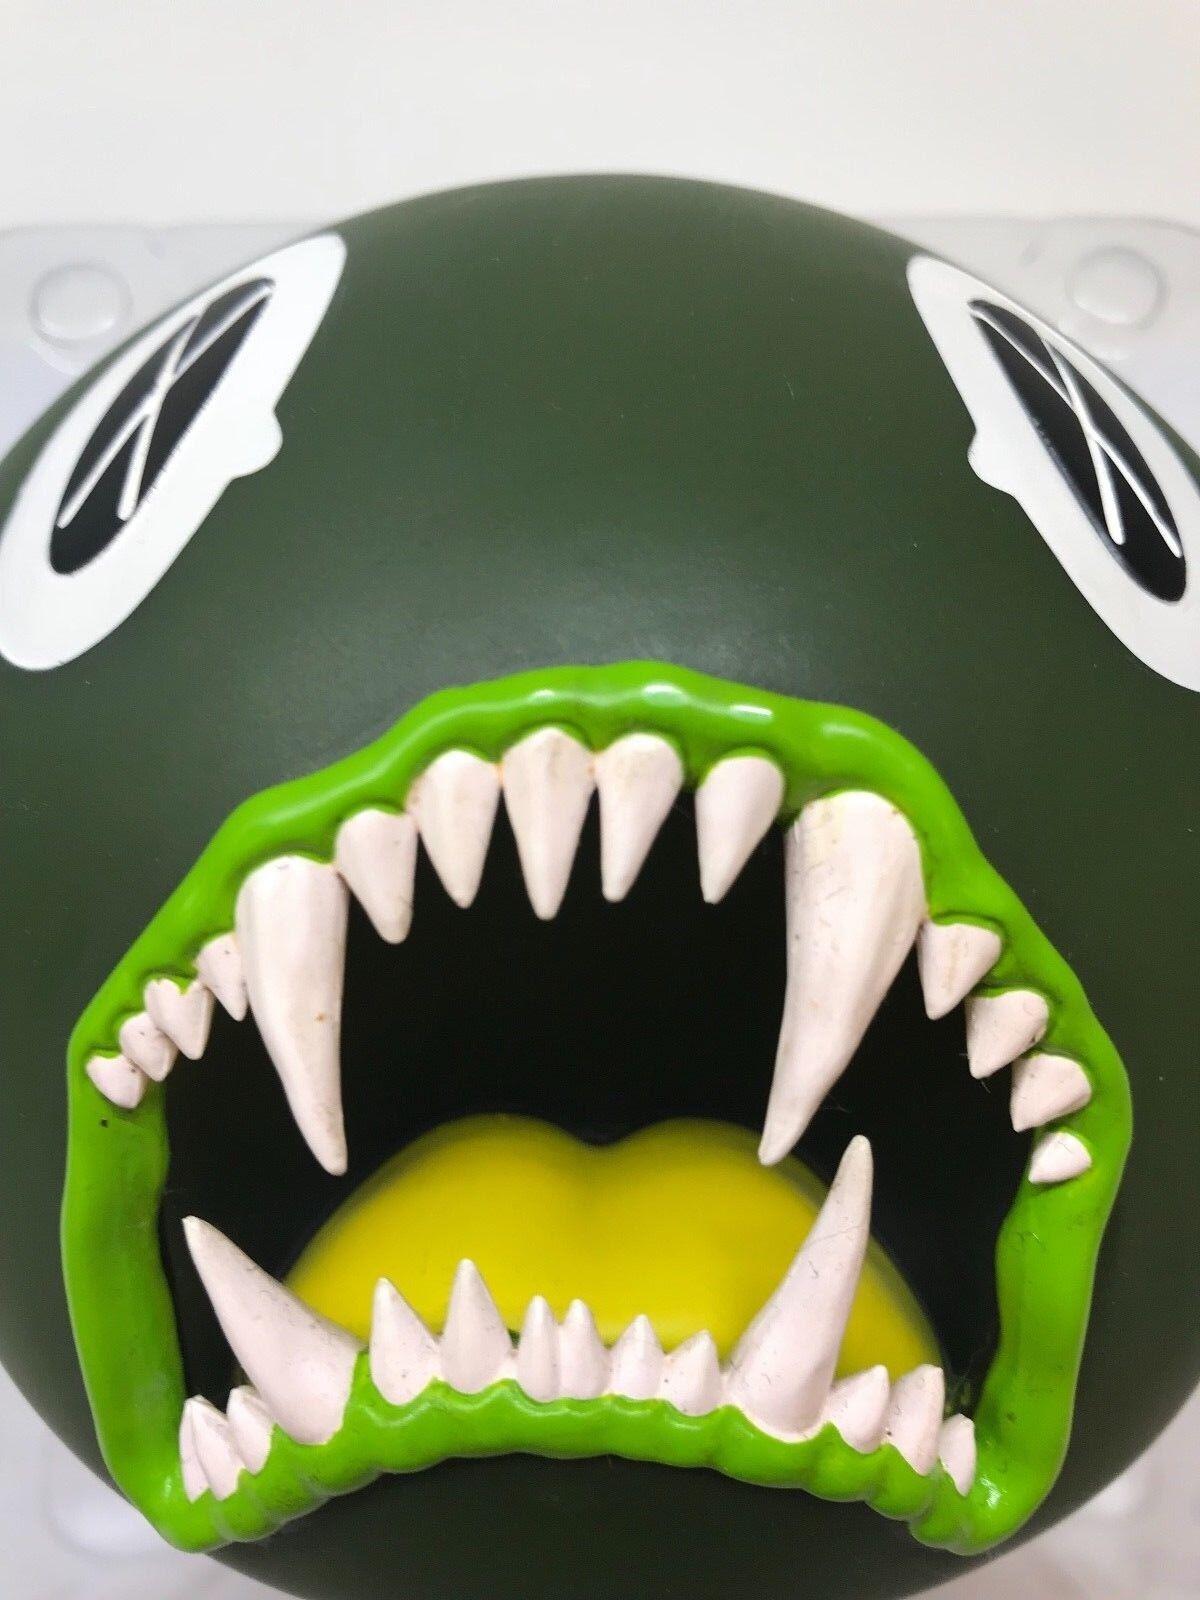 KAWS Cat Teeth Bank  verde , 2007